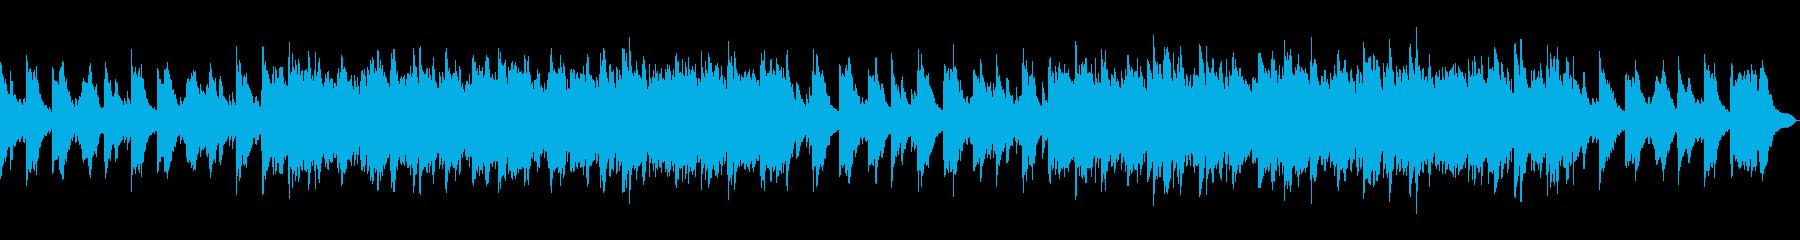 ヒーリング・リラックス ピアノの再生済みの波形